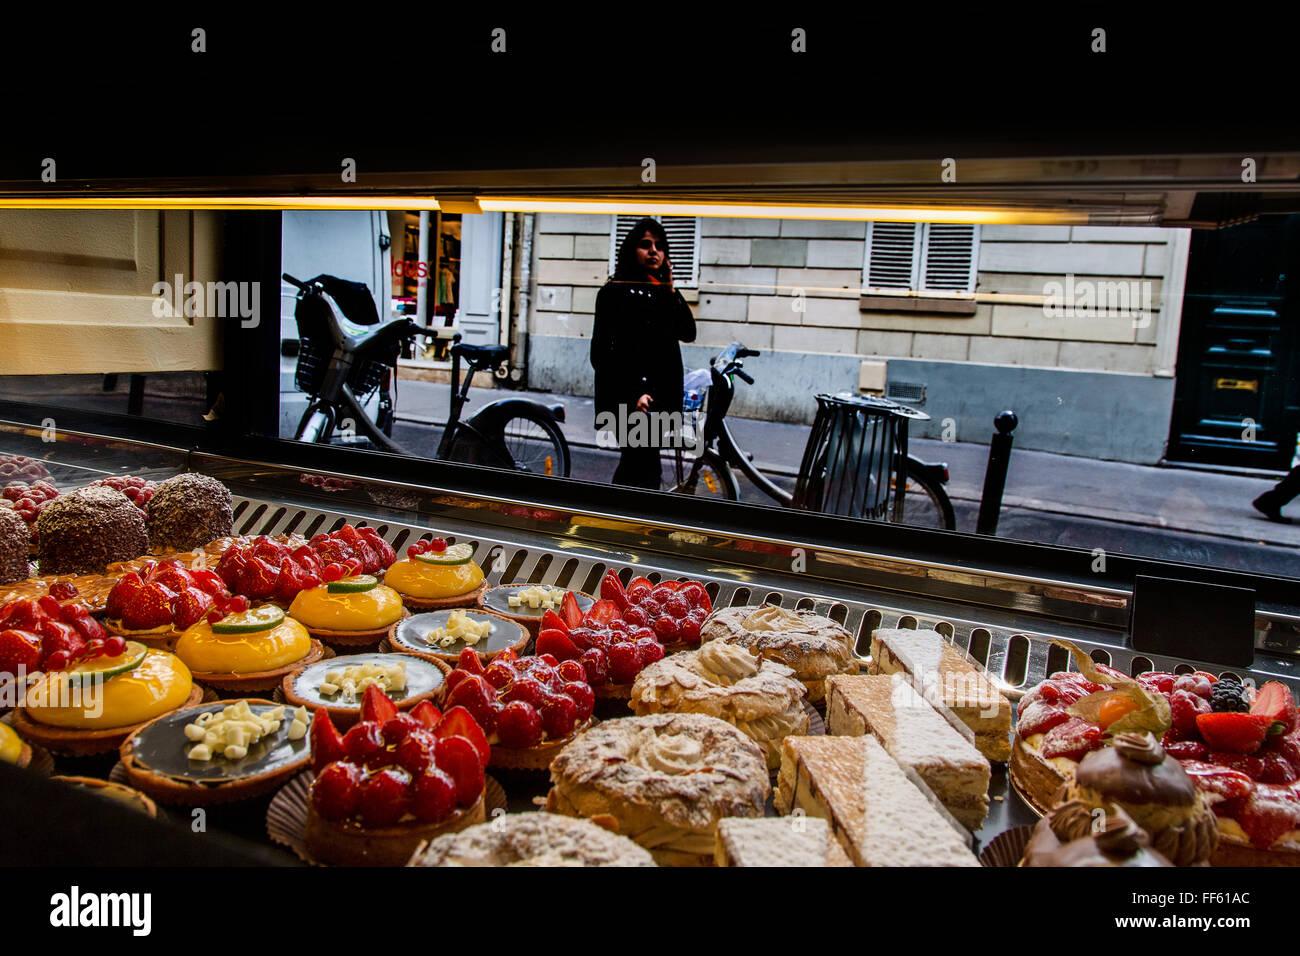 Patisserie in Paris - Stock Image